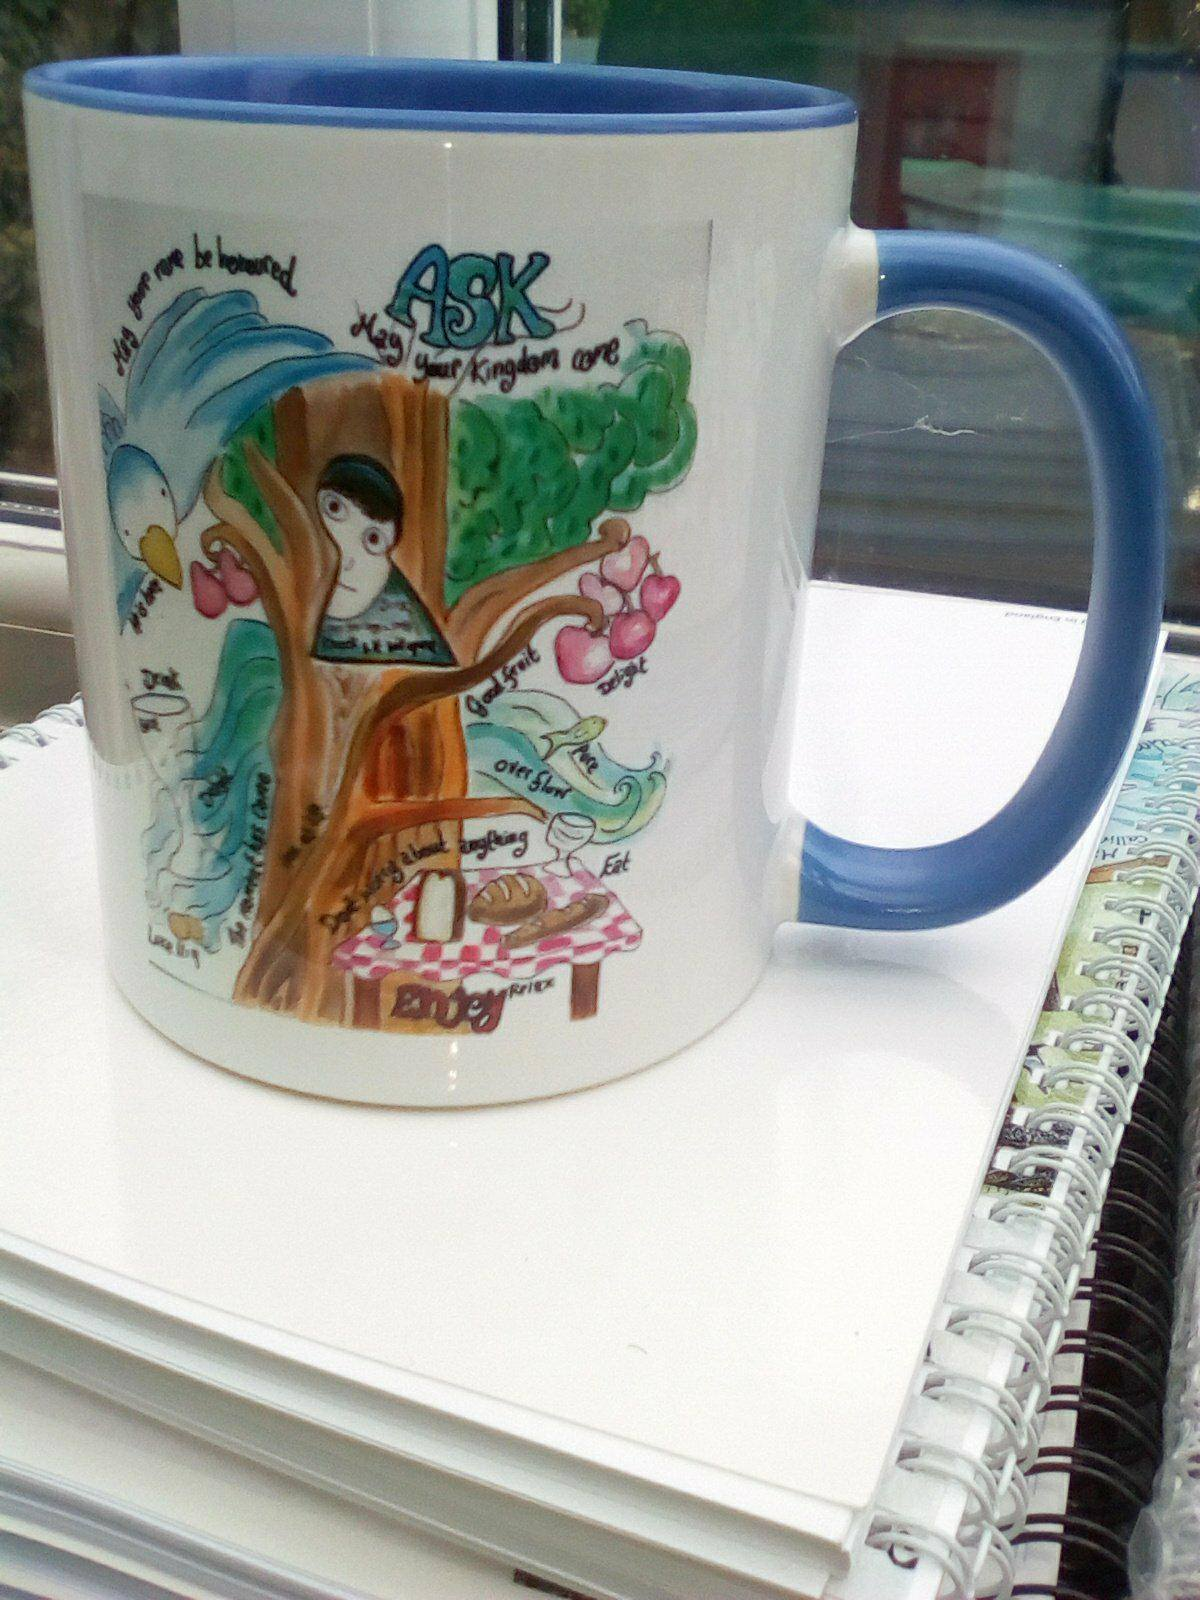 'Ask' mug